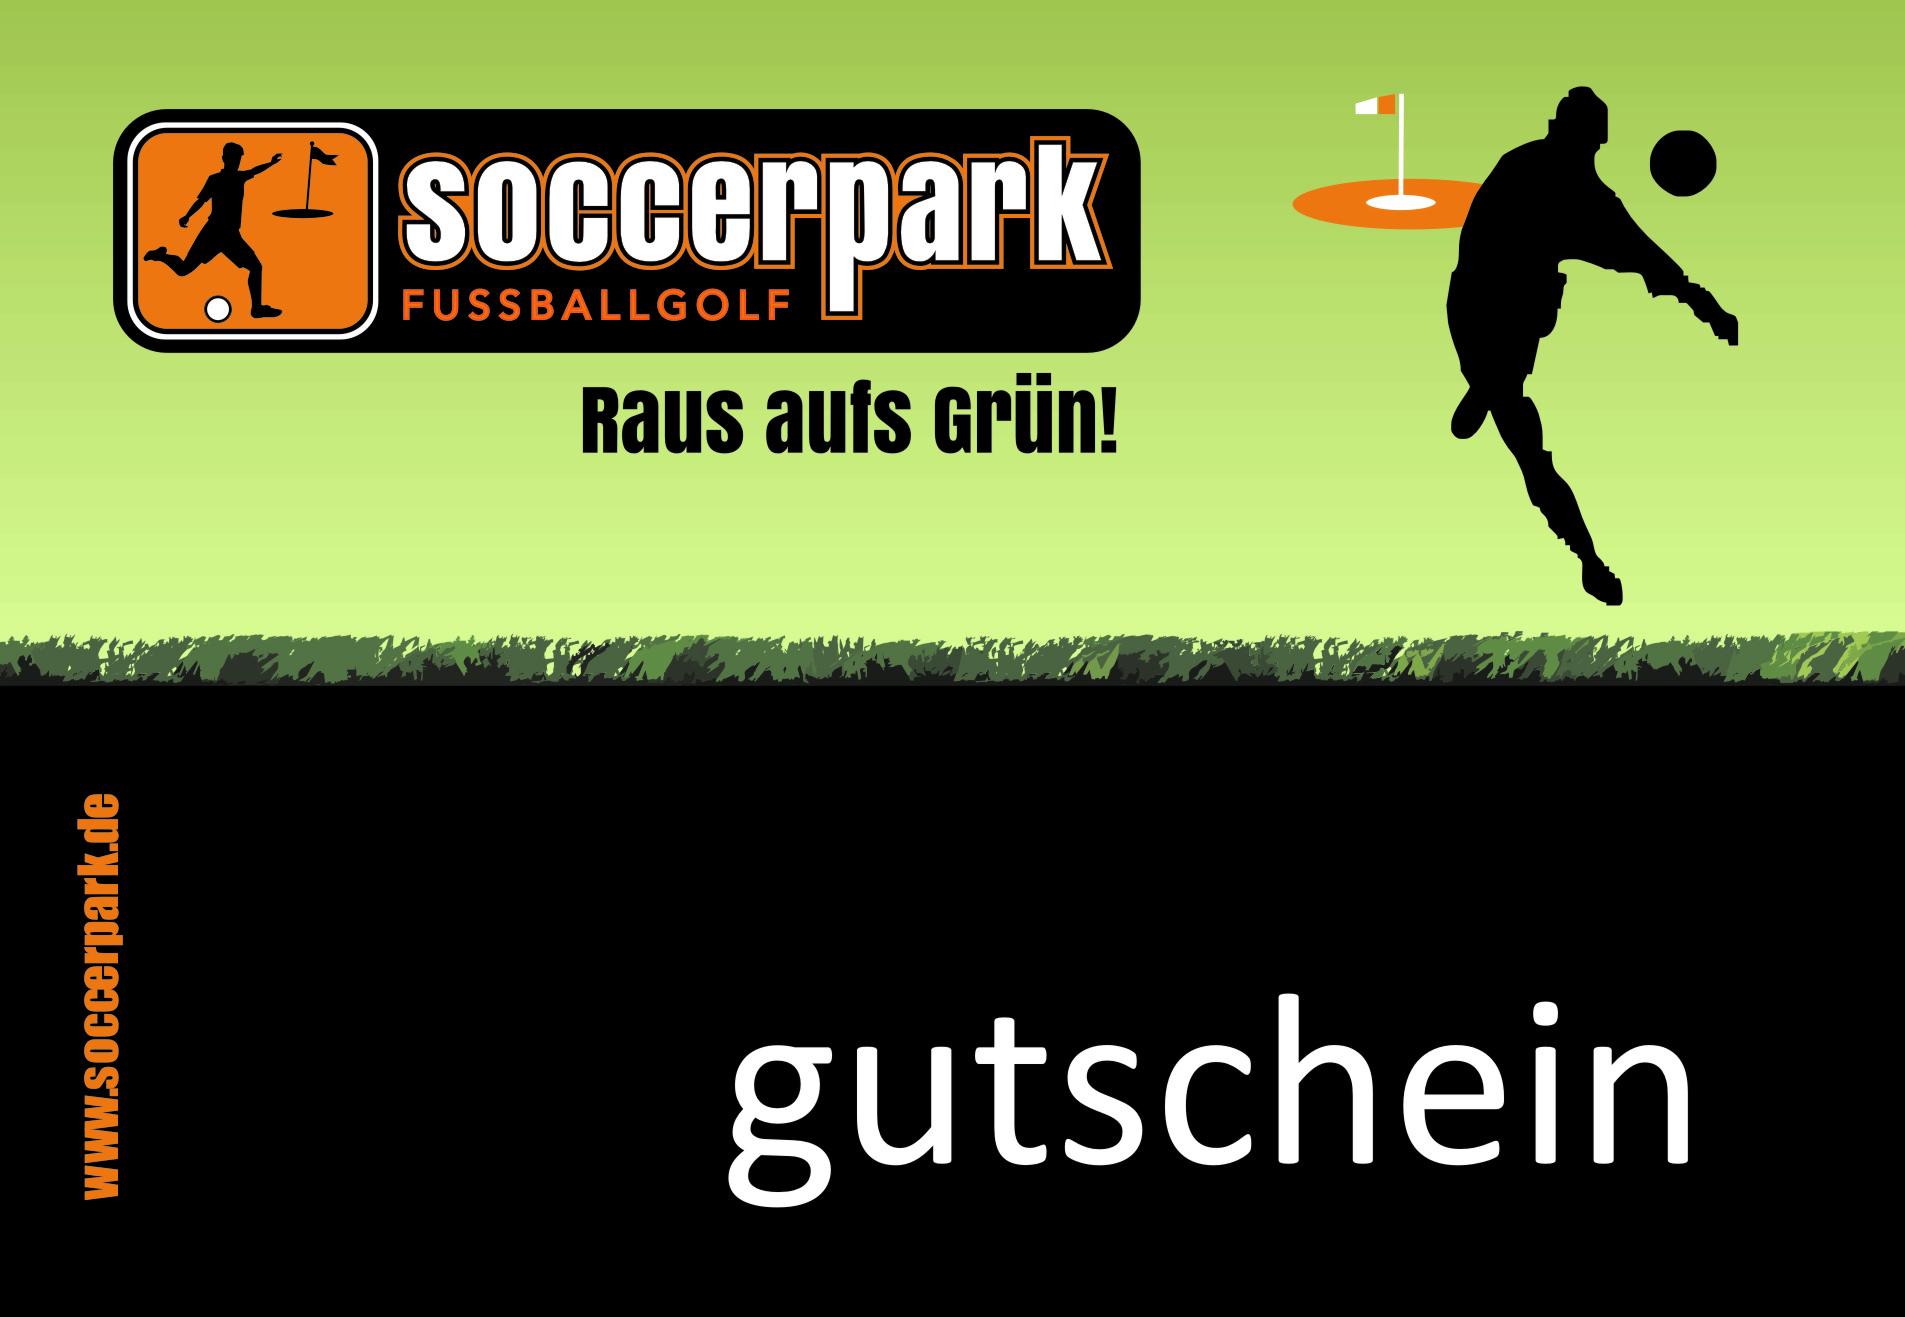 Soccerpark Inzell Soccerpark Inzell De